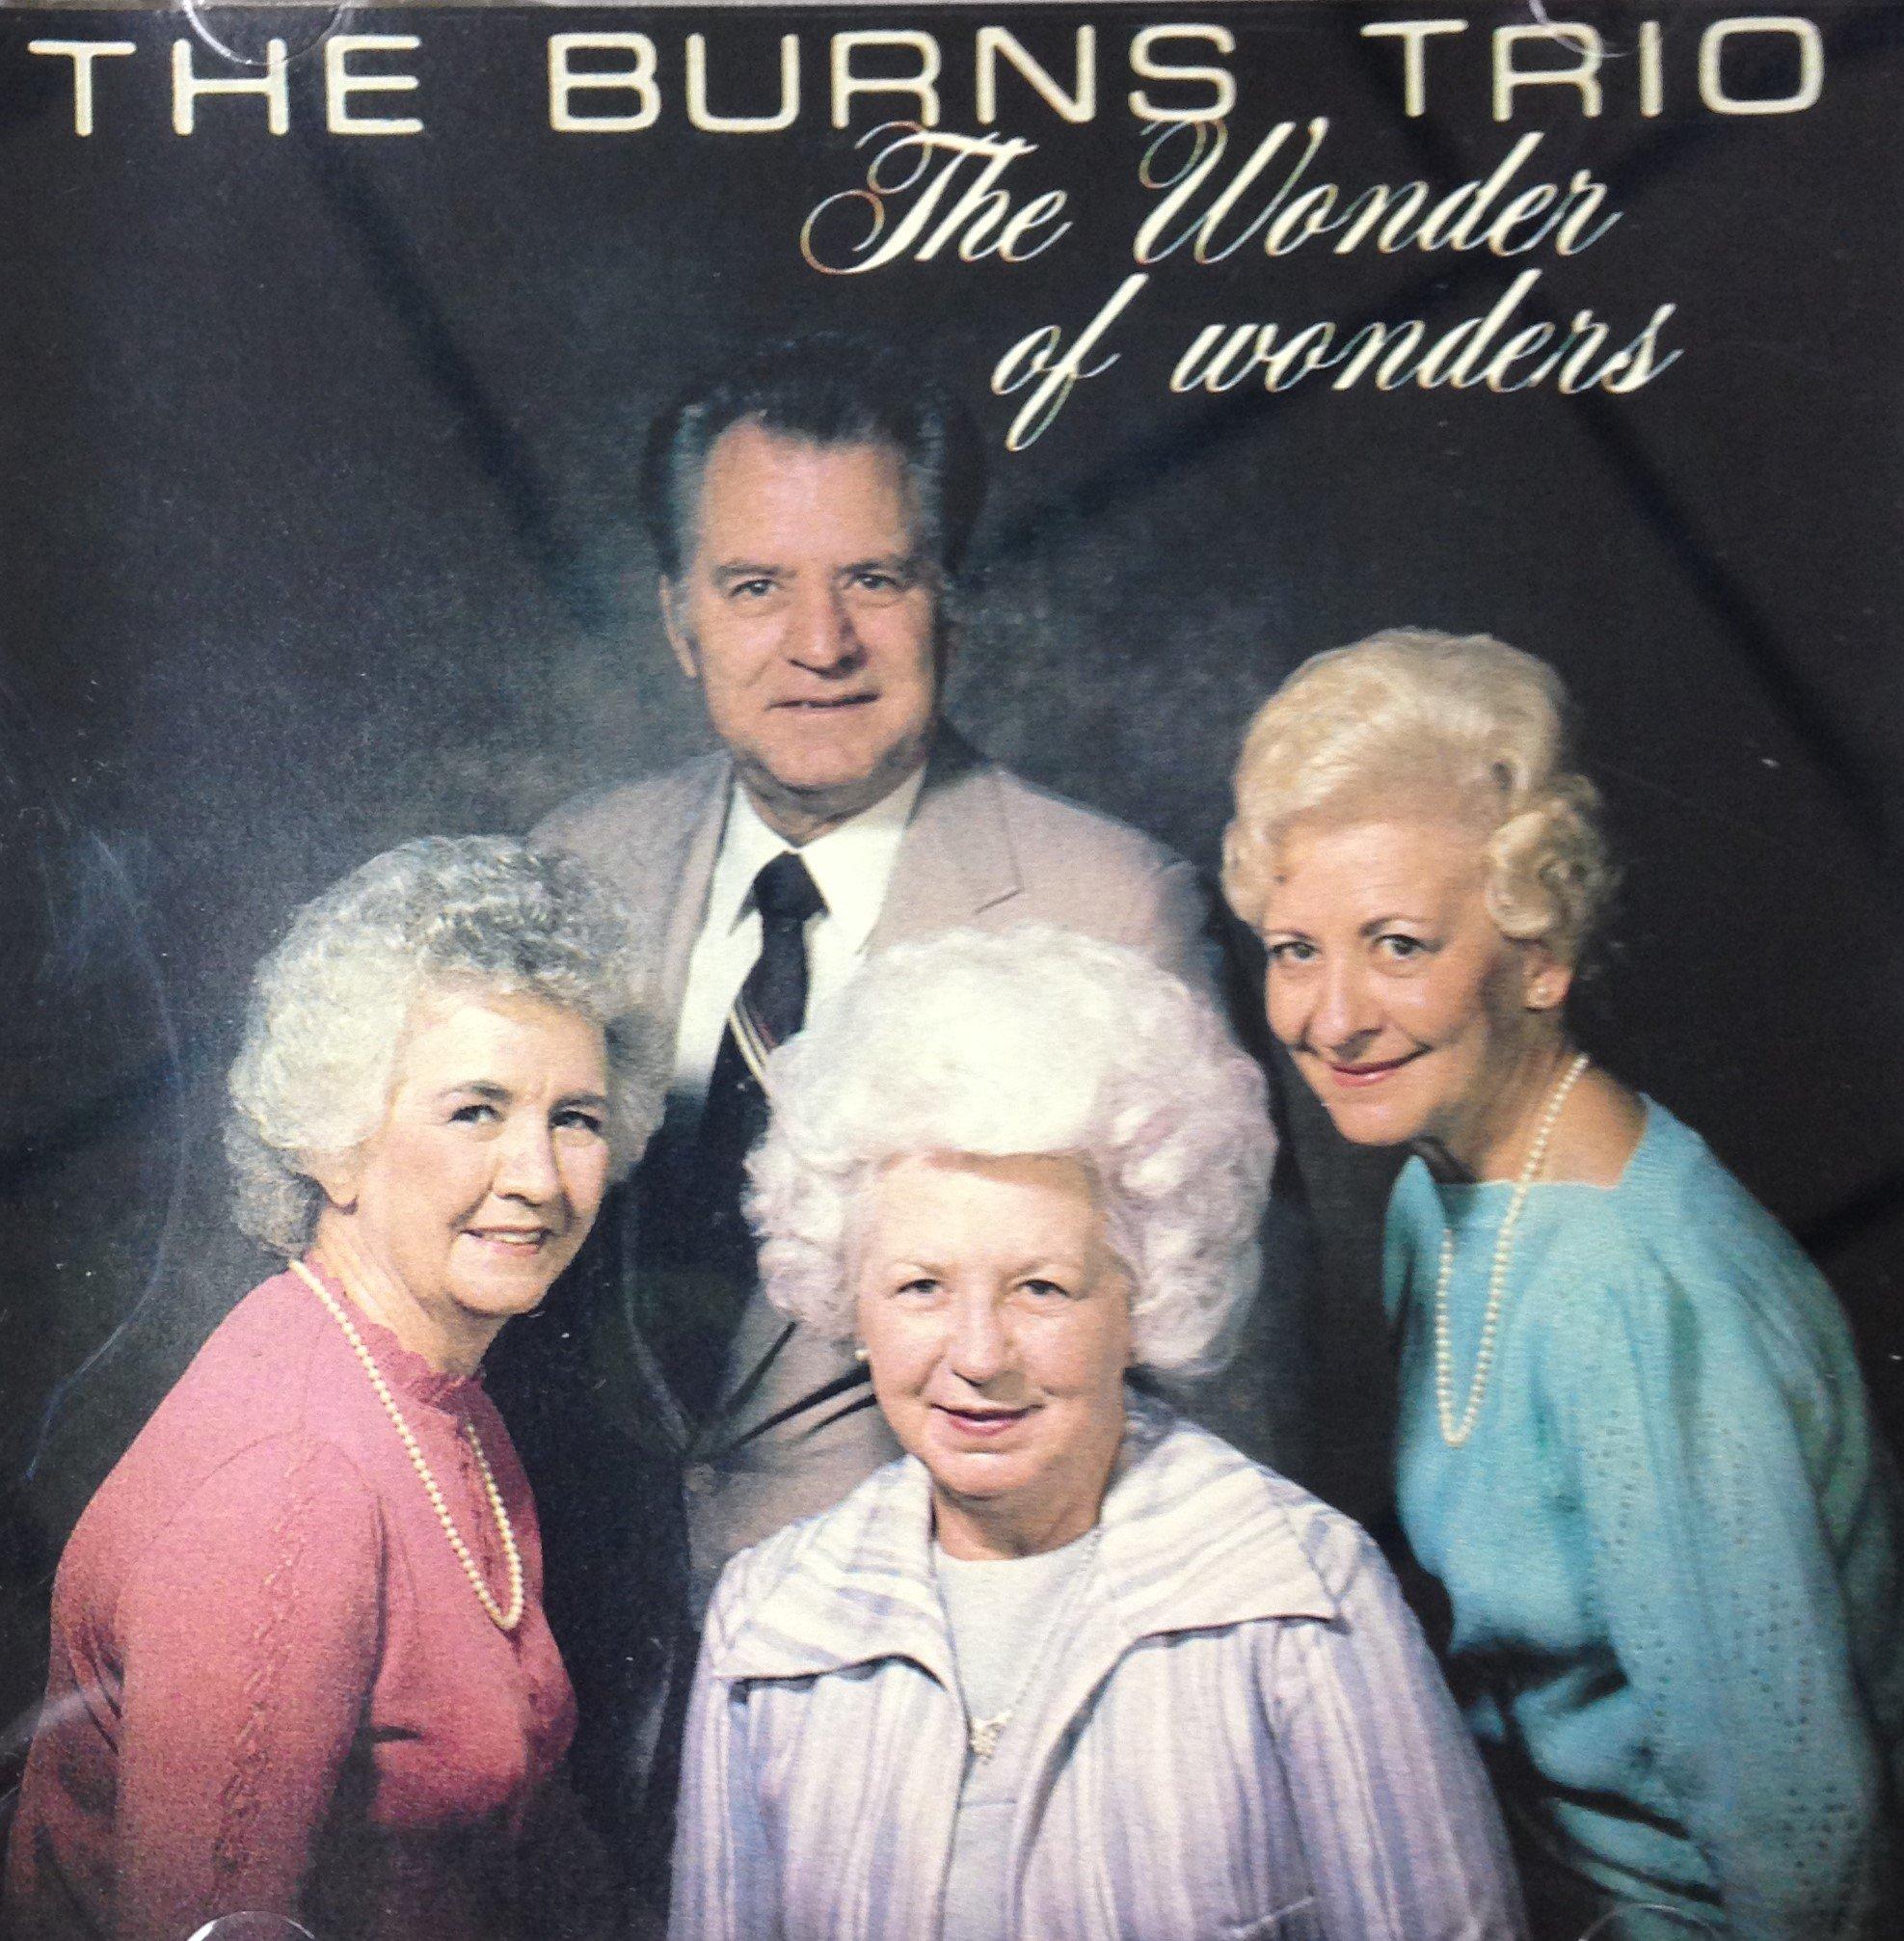 The Burns Trio:  The Wonder of Wonders  CD 00037